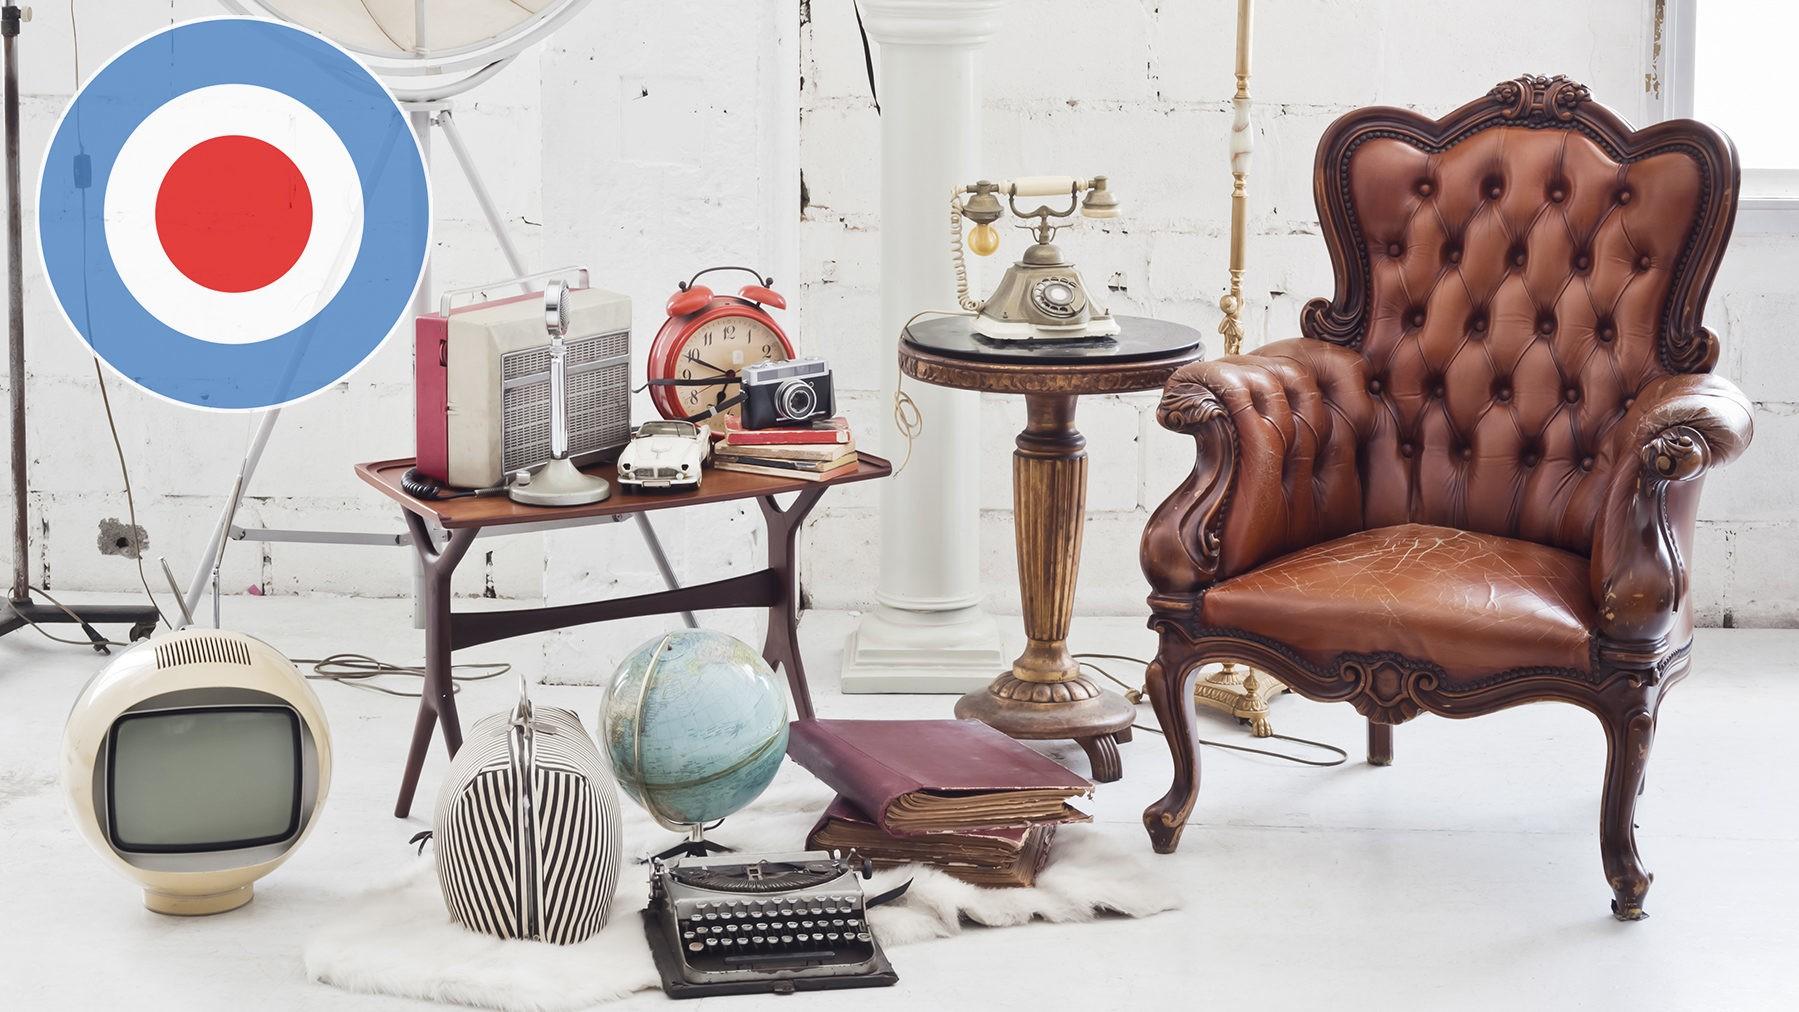 Die Fünf Besten Vintagemöbel Shops In Wien City4u Kroneatcity4u